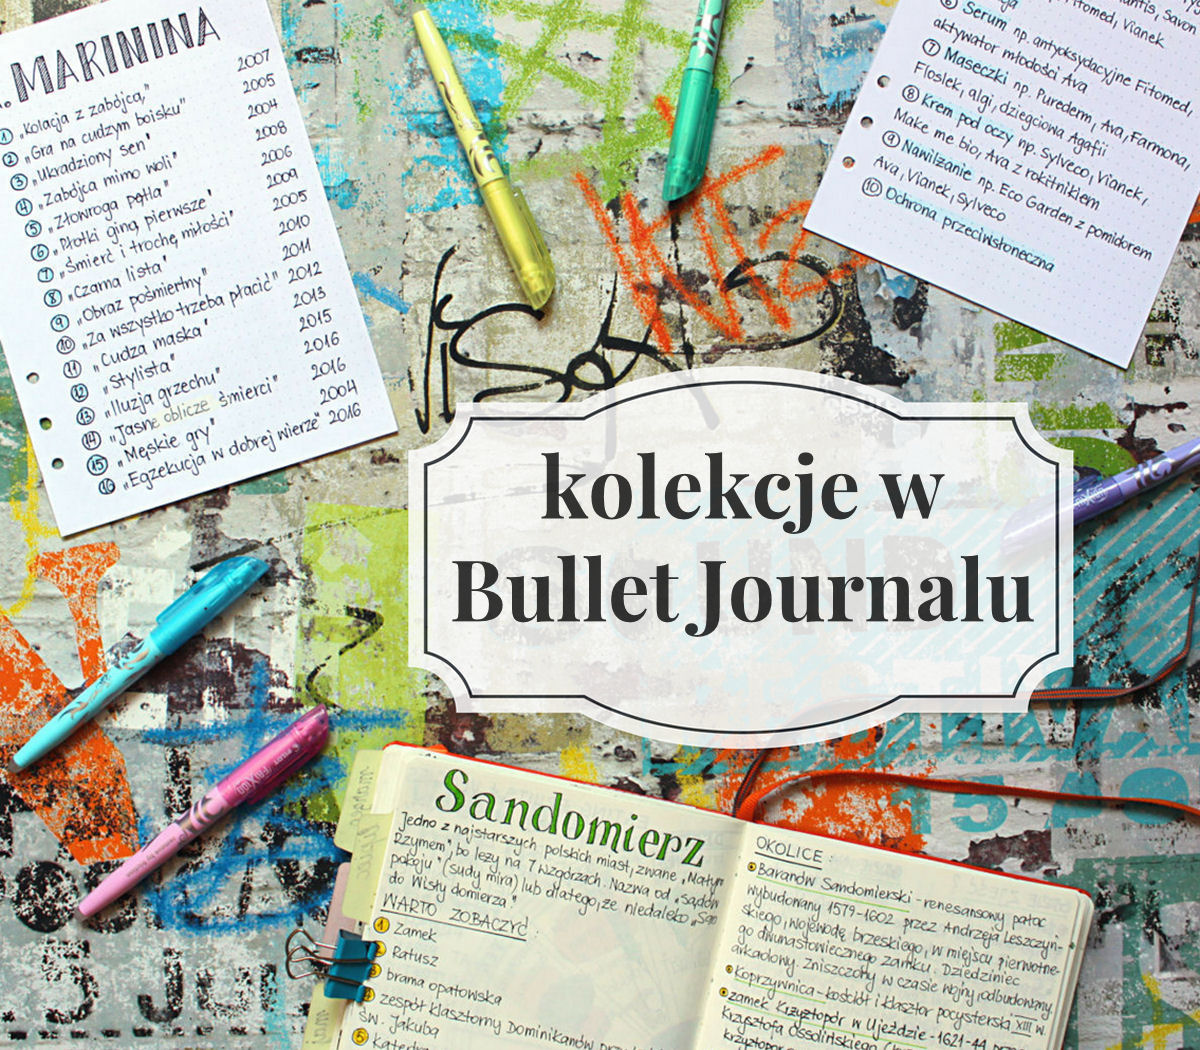 sierysuje.pl kolekcje w Bullet Journalu